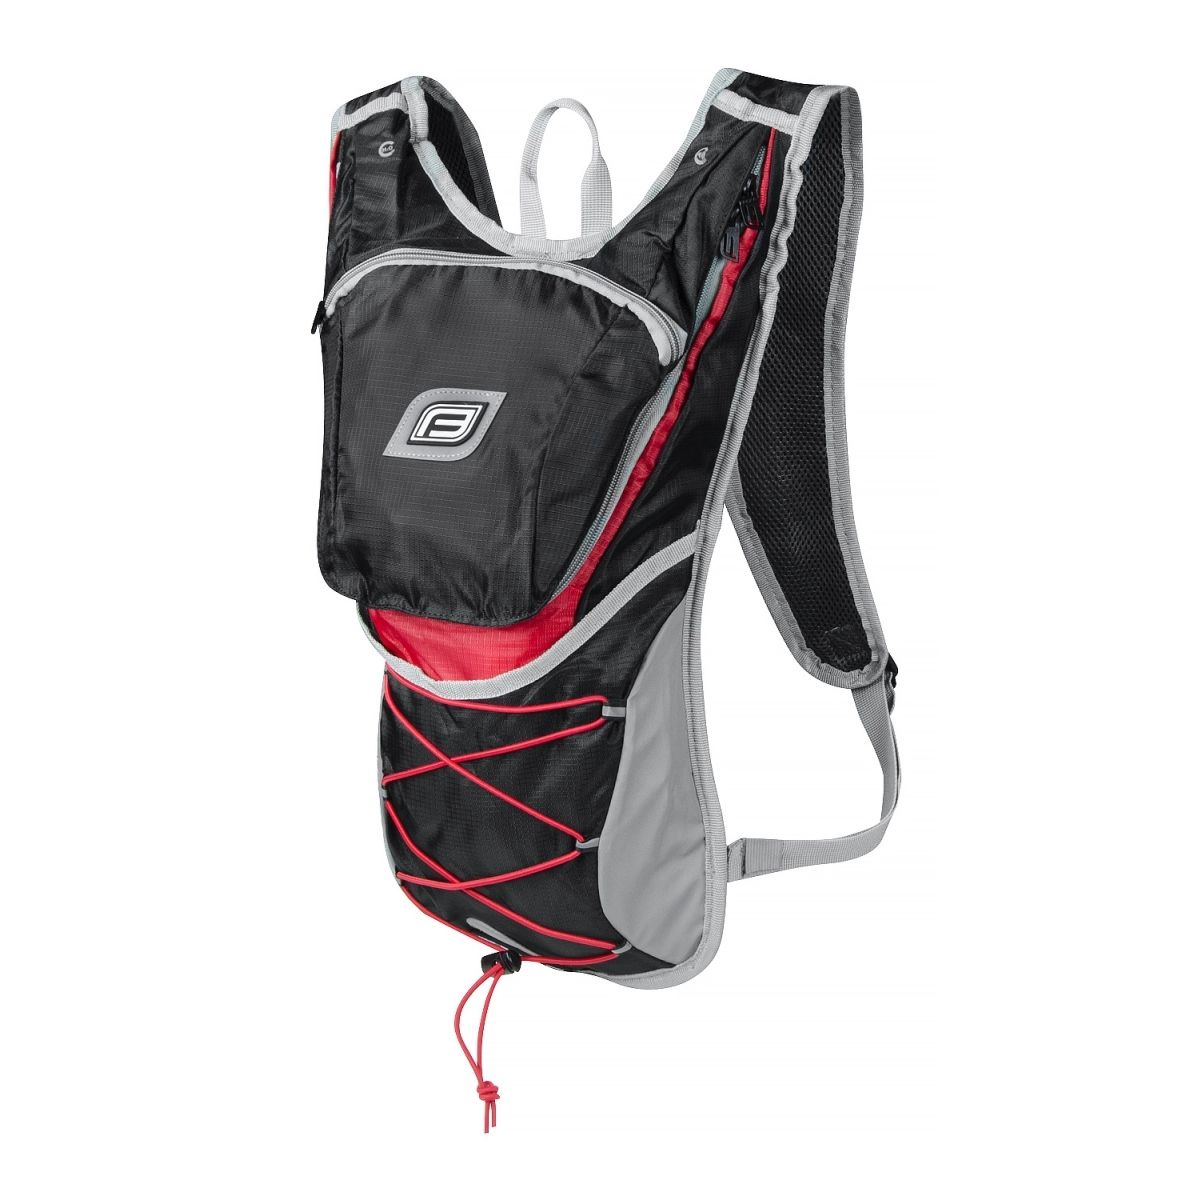 e3b4e97797f1a FORCE TWIN plecak 14L czarno-czerwony - 6855573070 - oficjalne ...